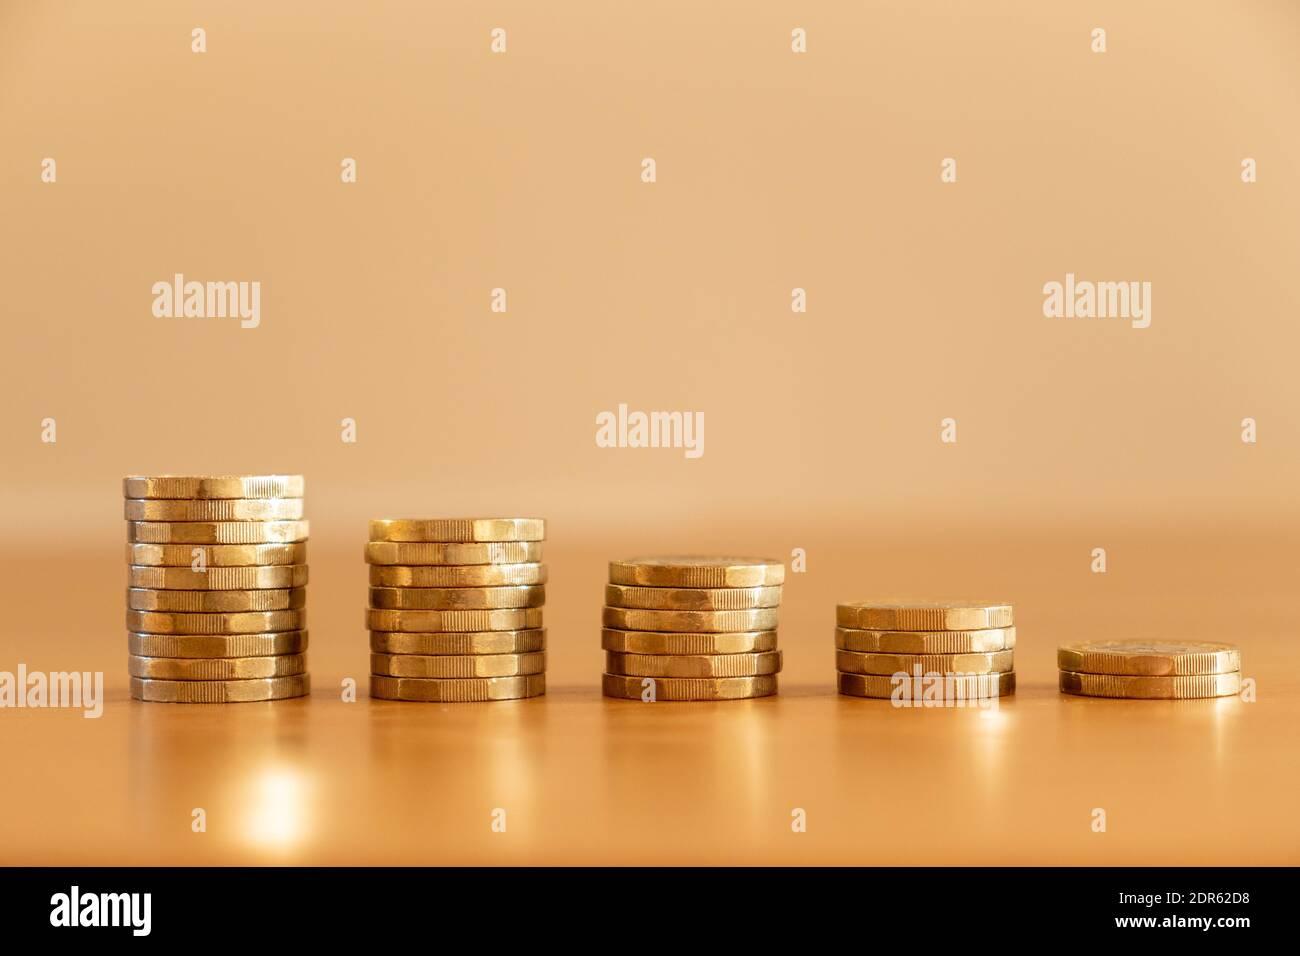 Primer plano de pilas de muchas monedas de una libra GBP que disminuyen de tamaño como el dinero que baja simbolizando los efectos de la inflación, Reino Unido Foto de stock